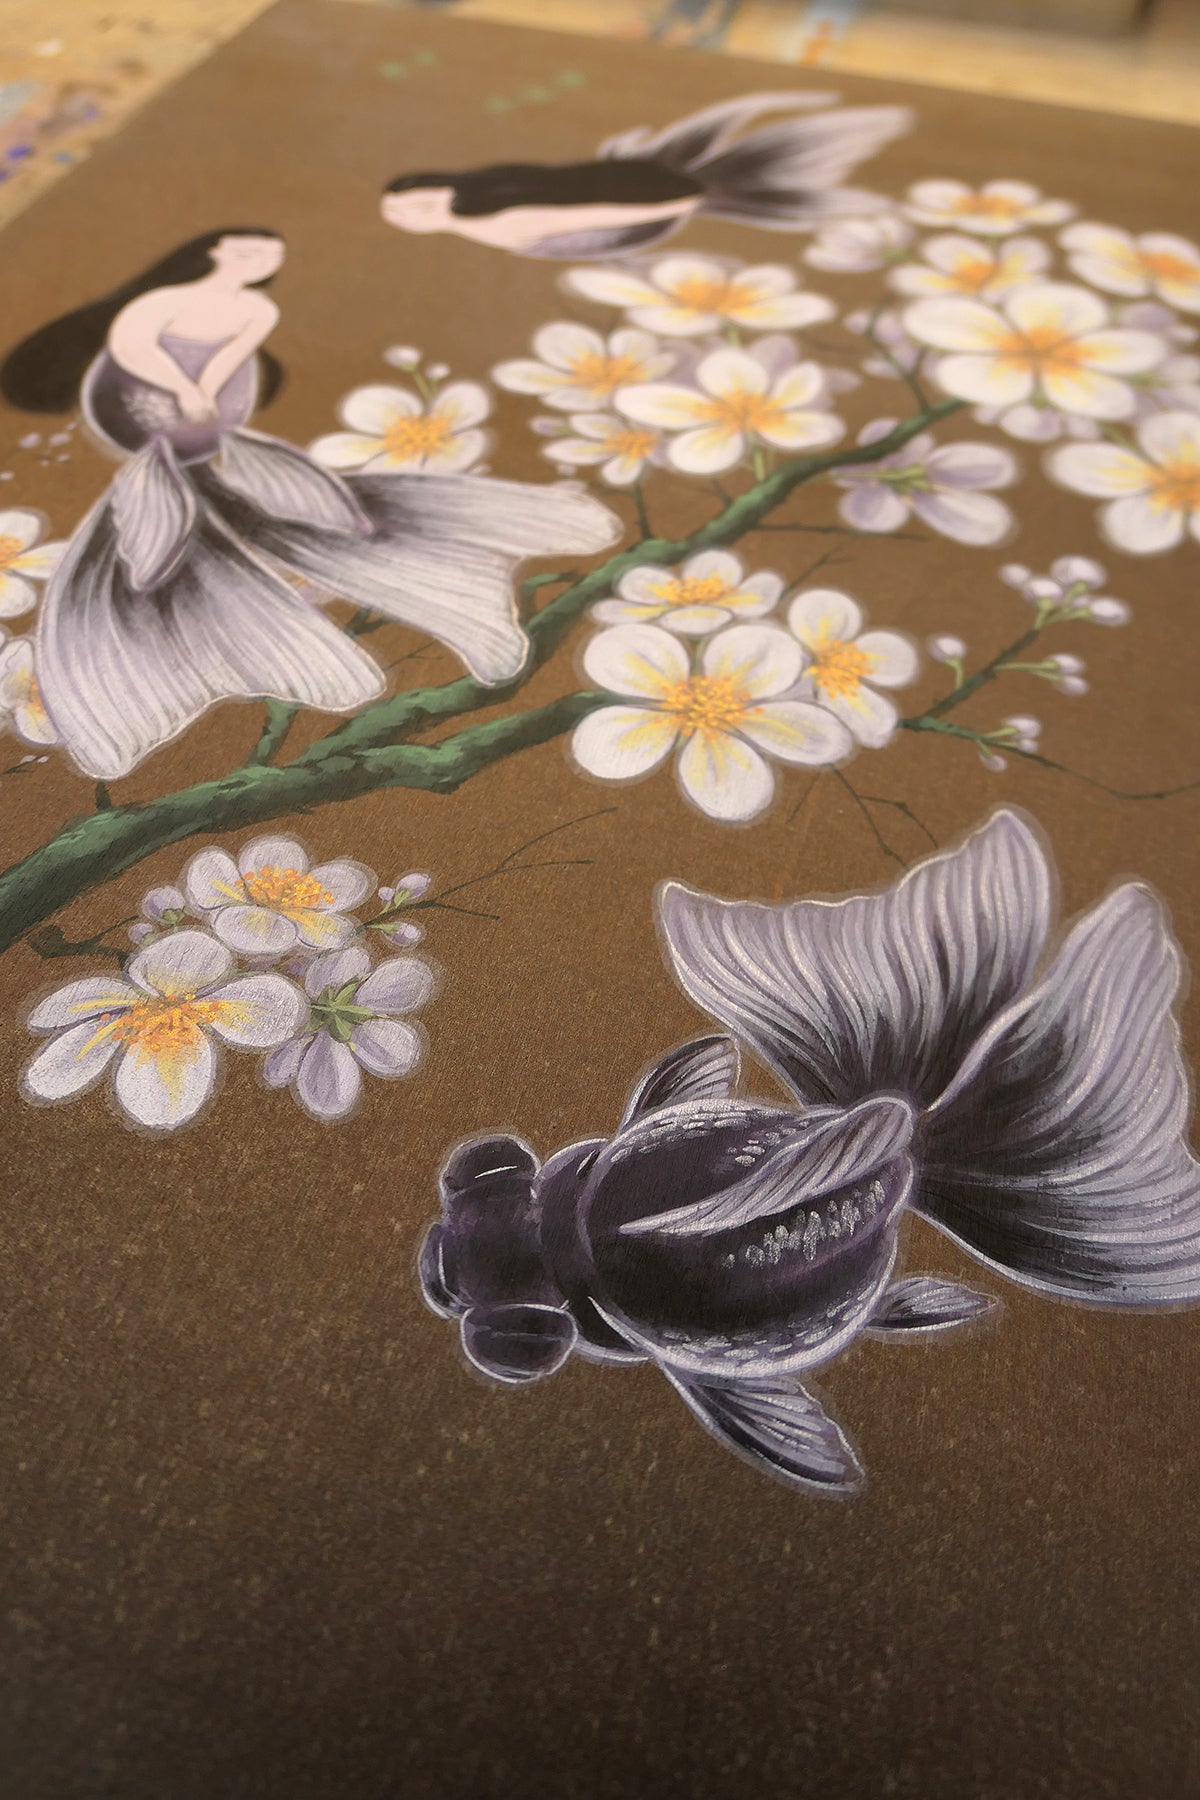 Sirens - Goldfish Mermaids and Plum Blossoms